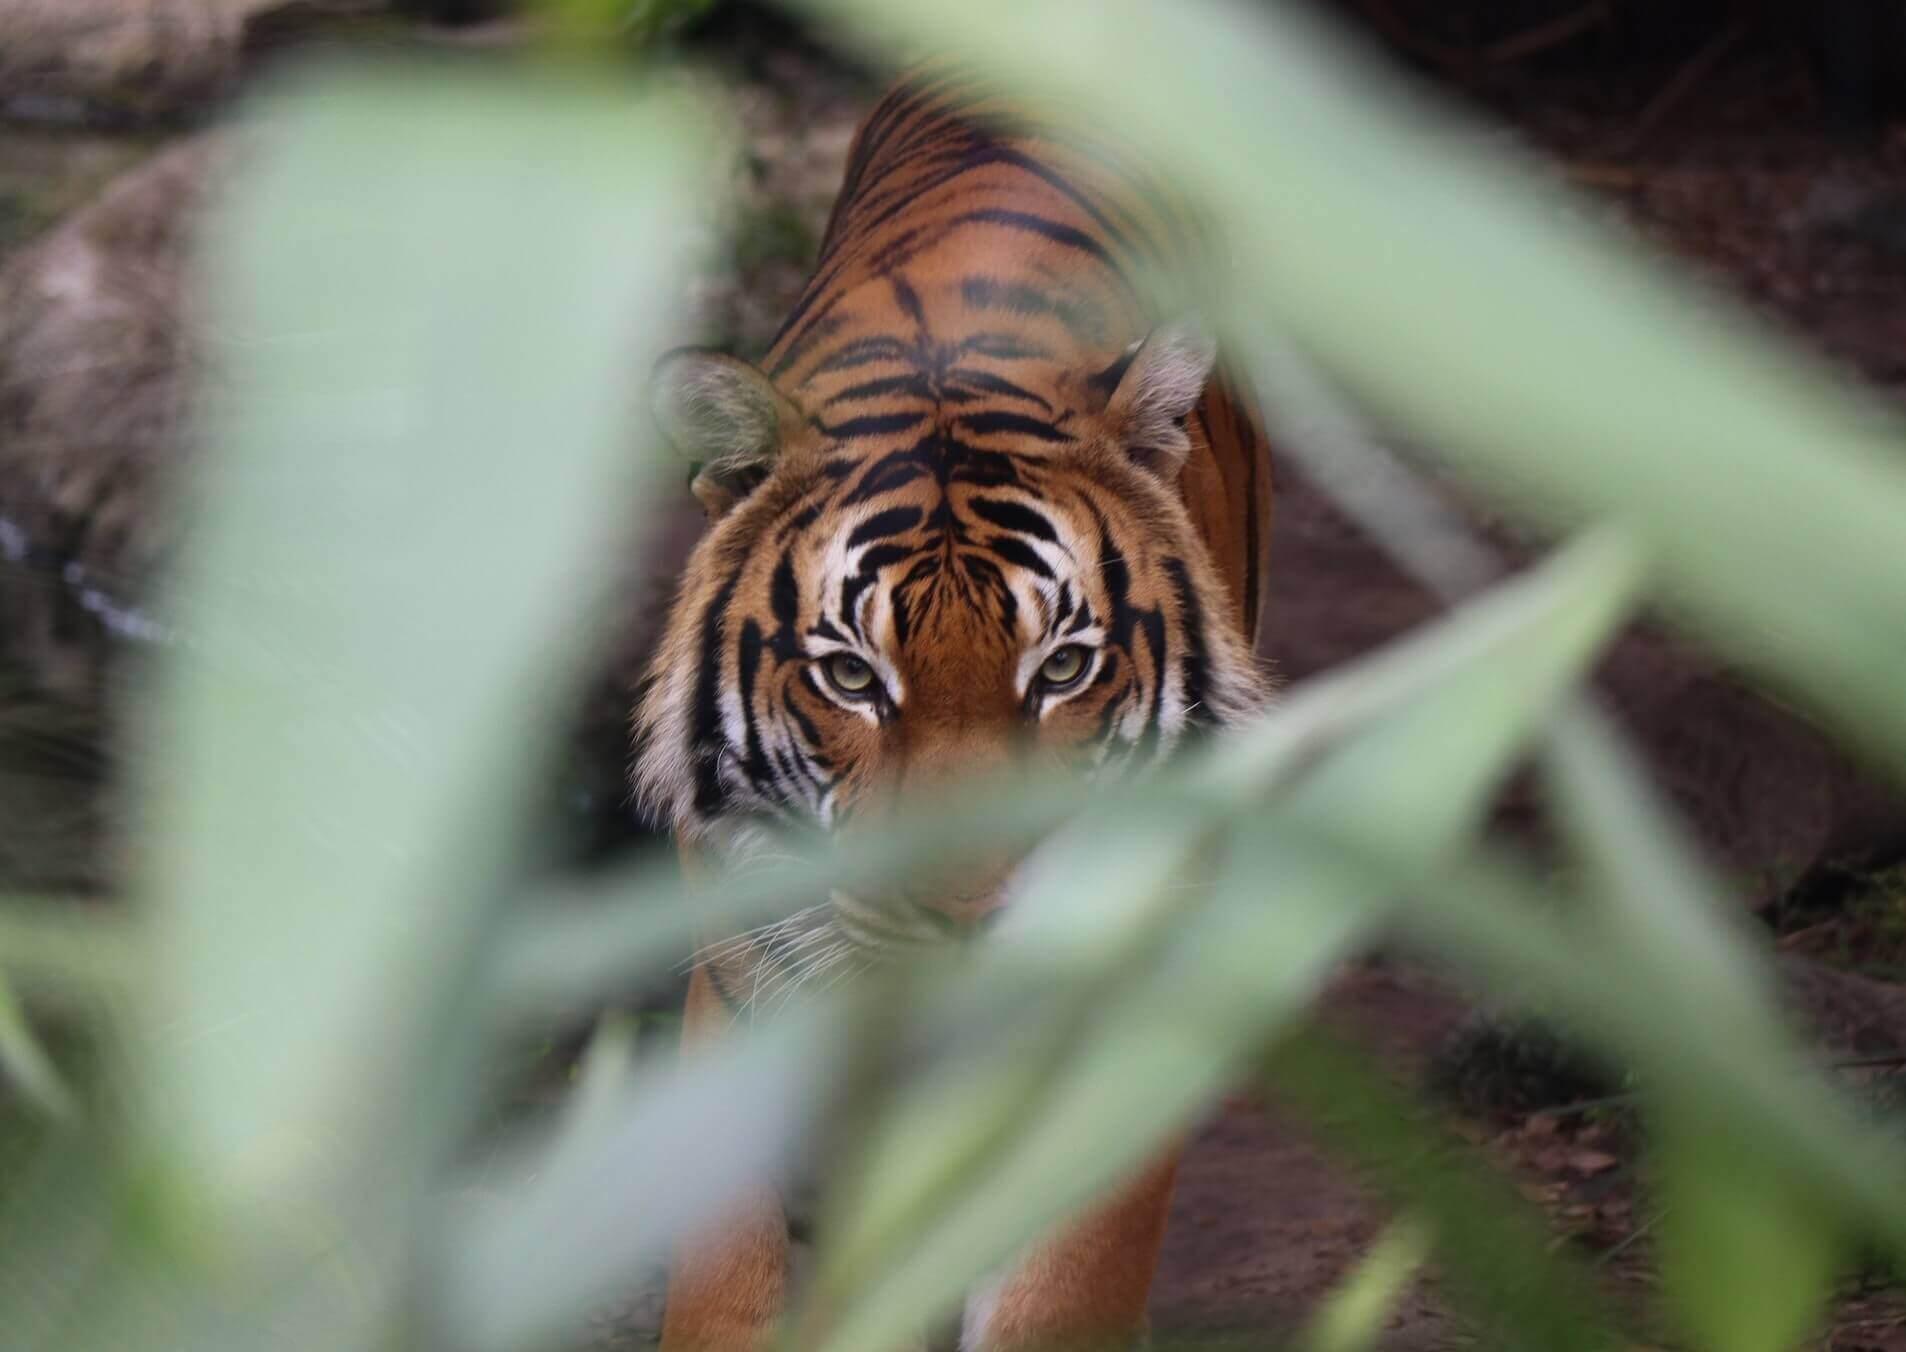 Поясним за новости: в Приморье можно пожить в тайге и увидеть тигра